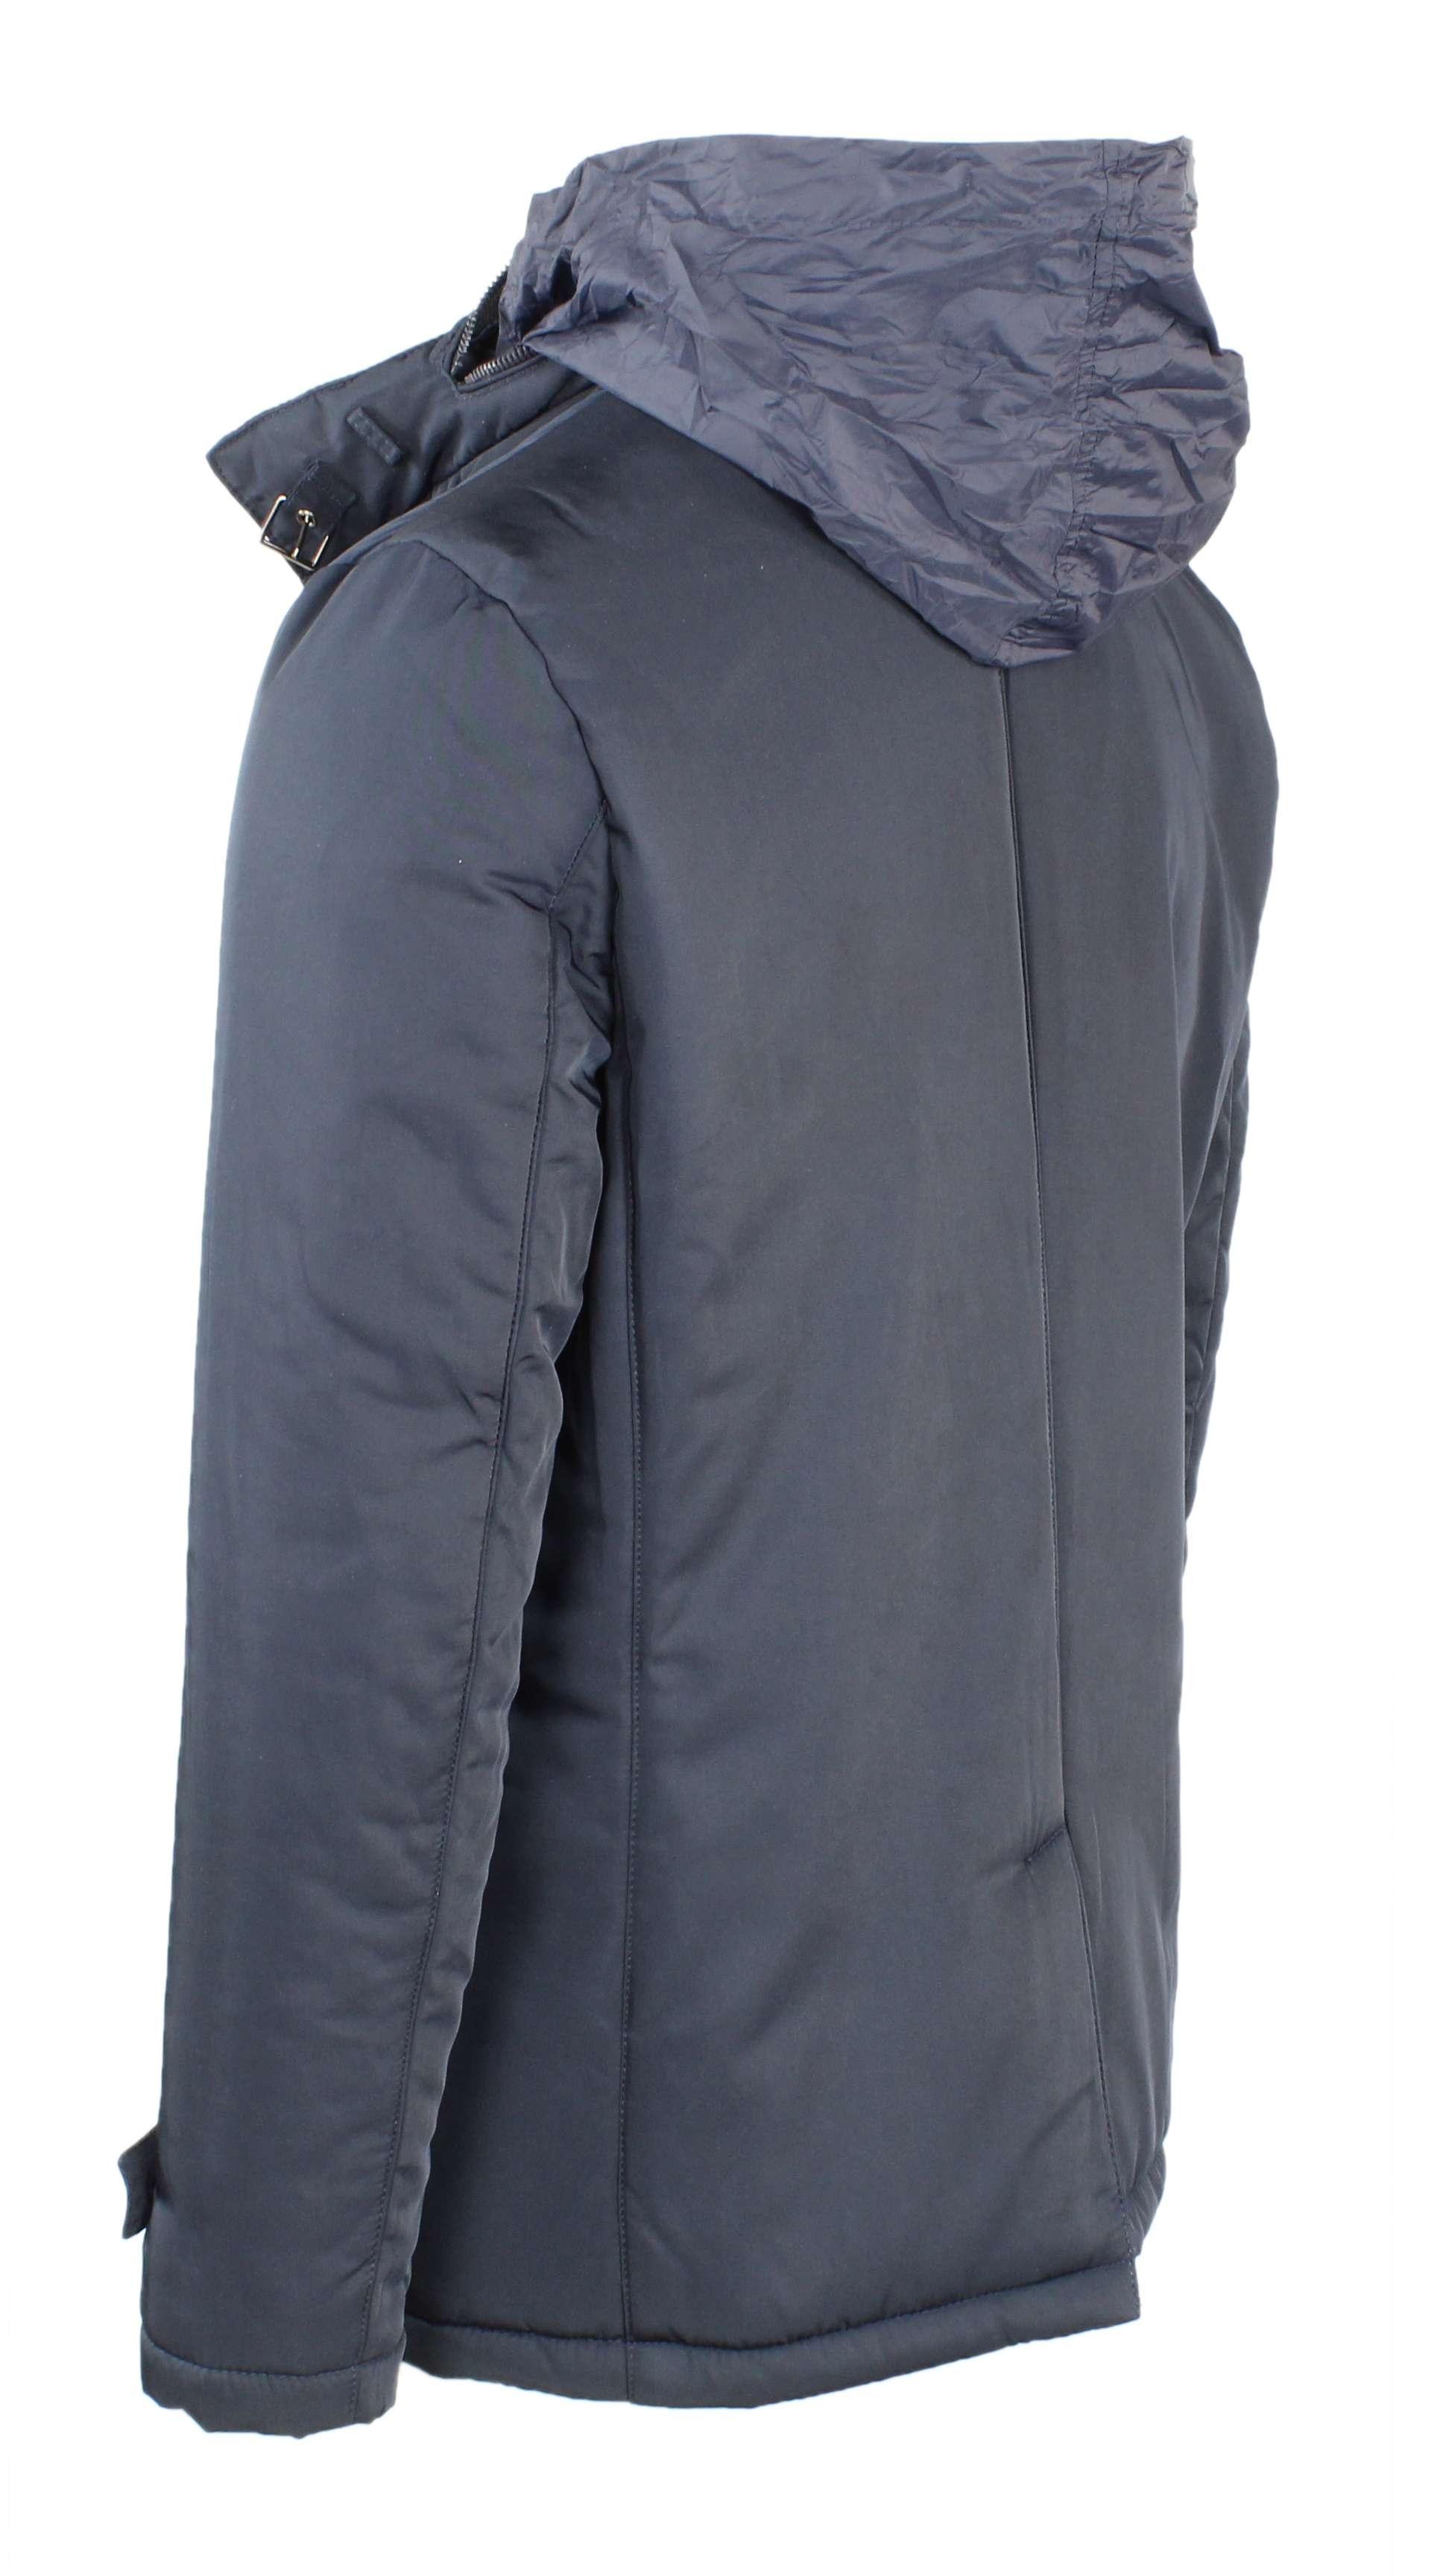 Giubbotto-Uomo-Invernale-Giaccone-Elegante-Giubbino-Sartoriale-Blu-Nero-Cappotto miniatura 7